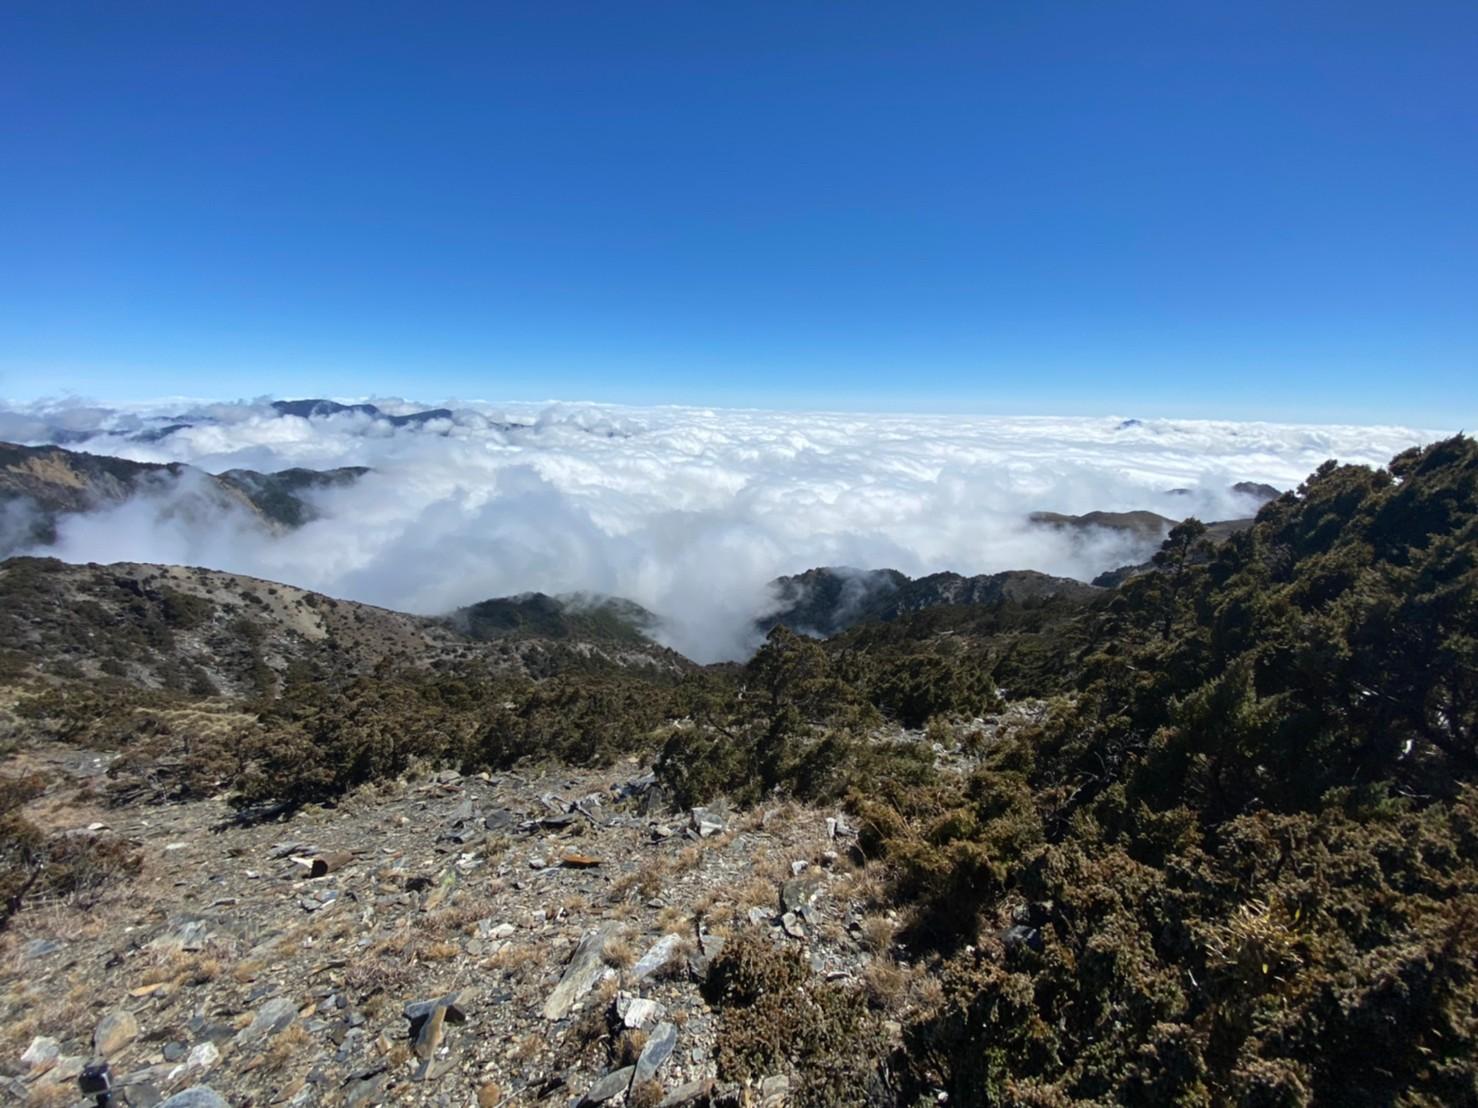 秀姑巒山的景色十分壯麗